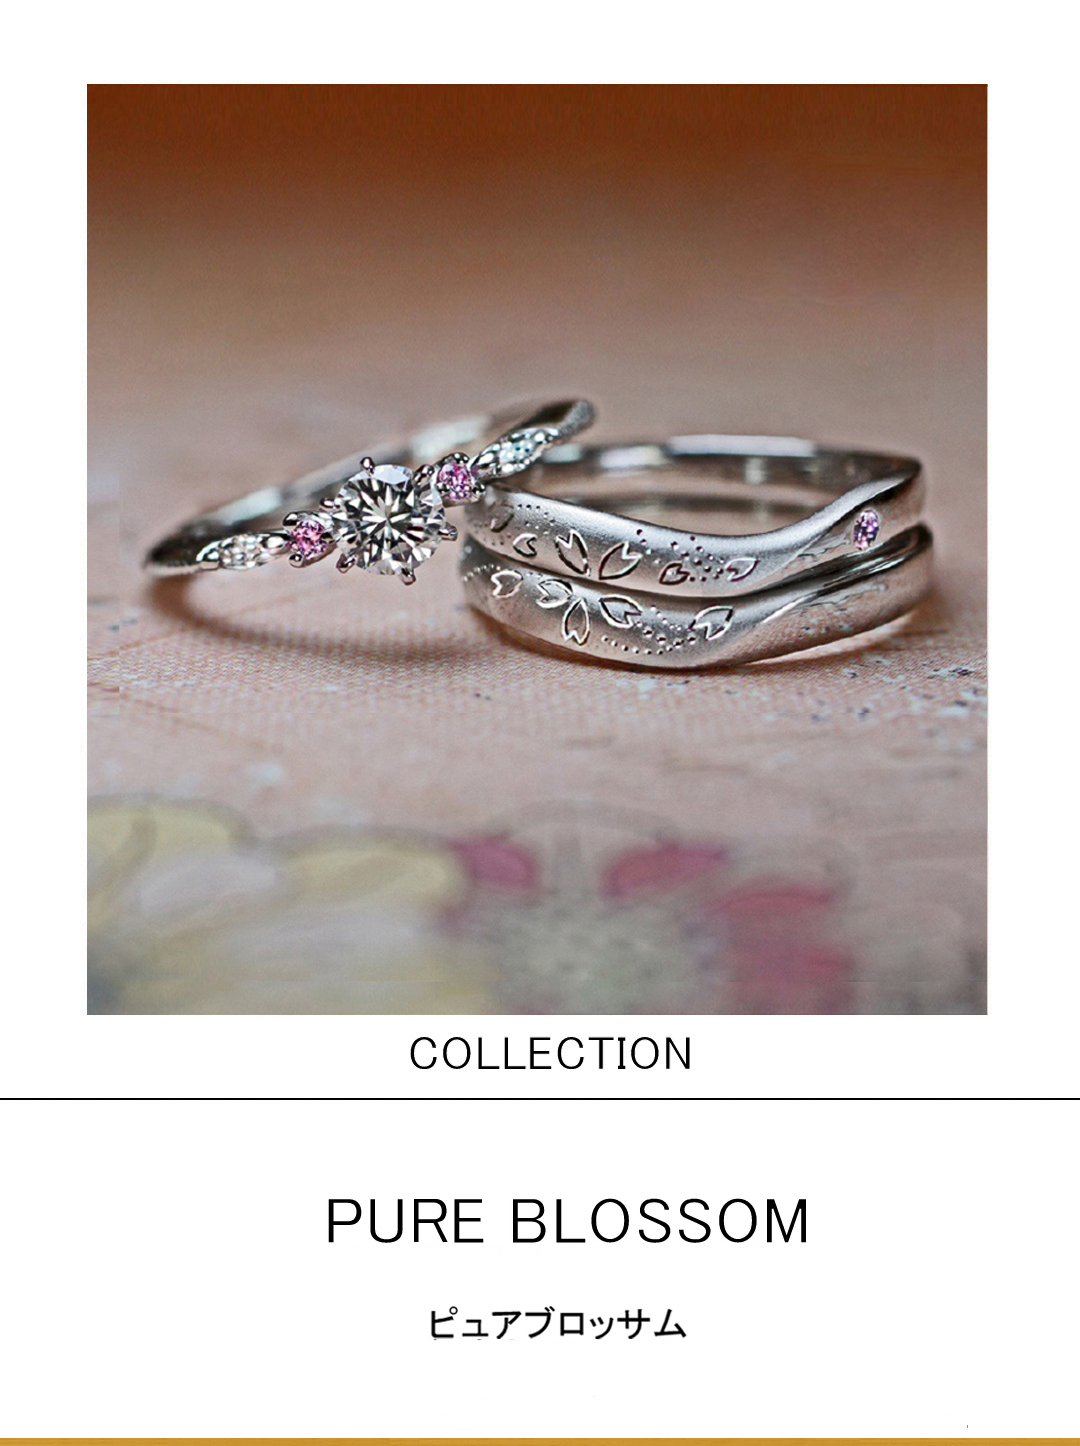 二人でサクラの開花をデザインした結婚指輪と婚約指輪のセットリングのサムネイル